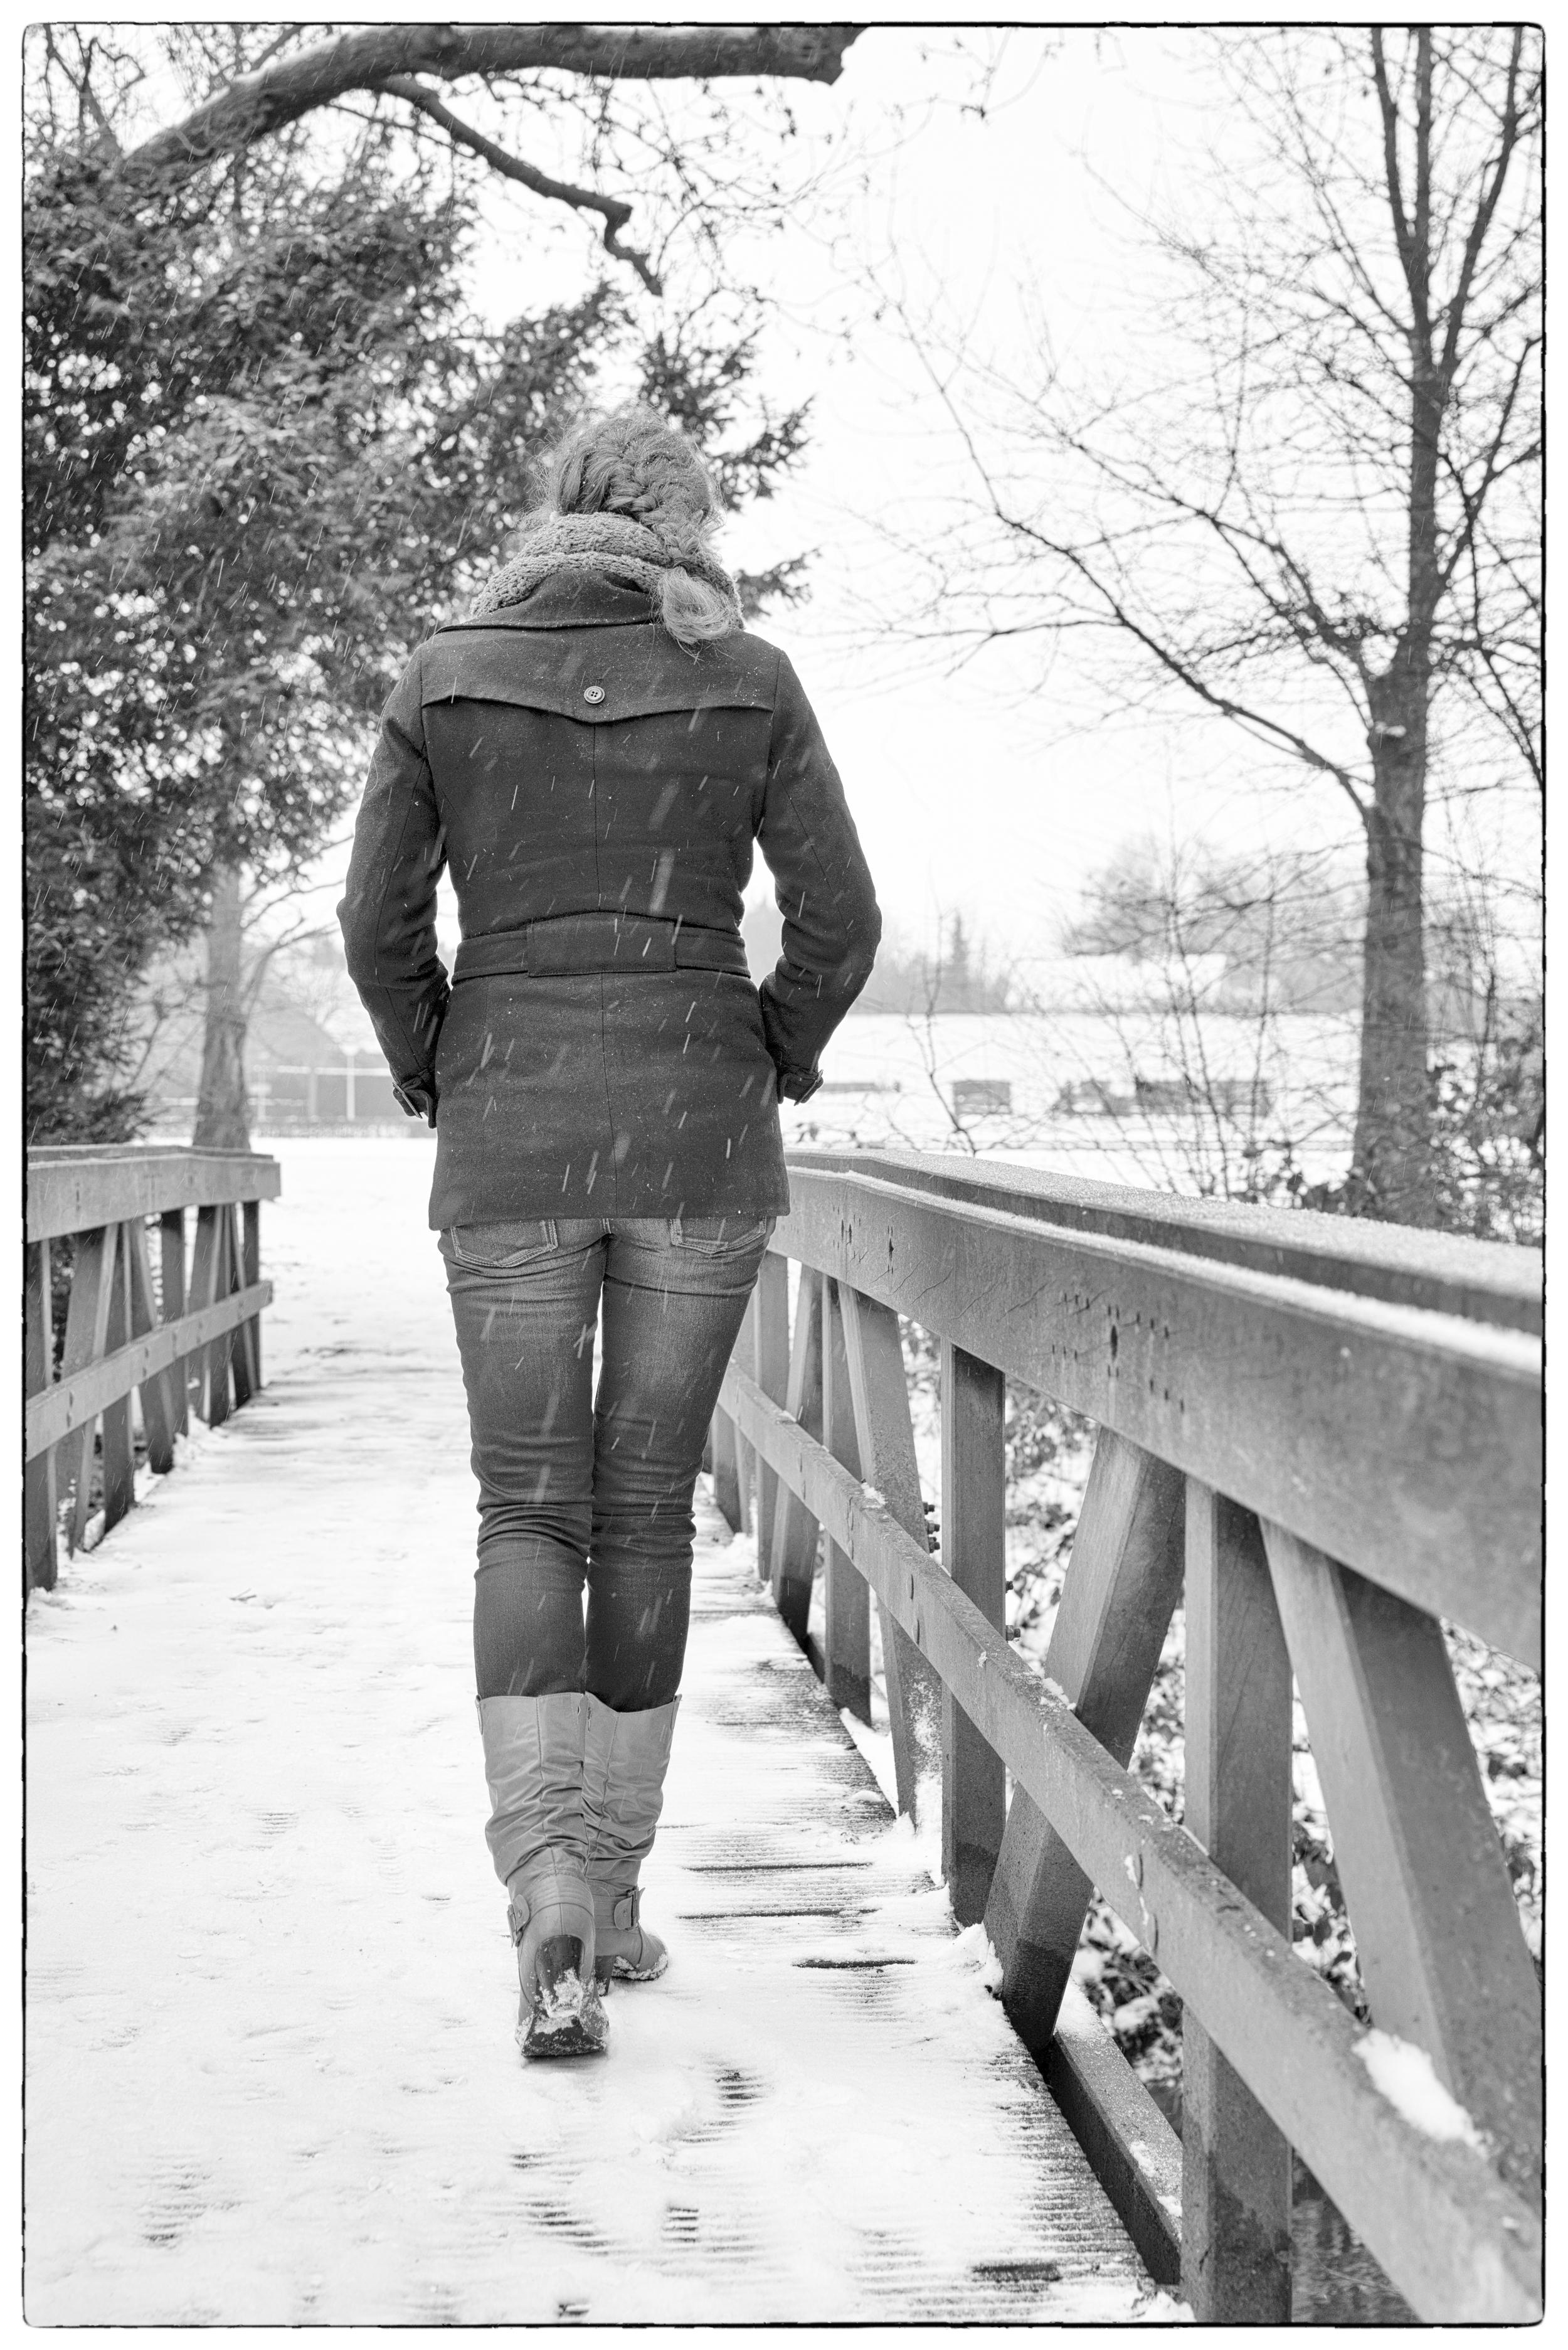 Portret_Mirjam_Stadspark_Sittard_Winter_20130120_0171-Edit-Edit.jpg